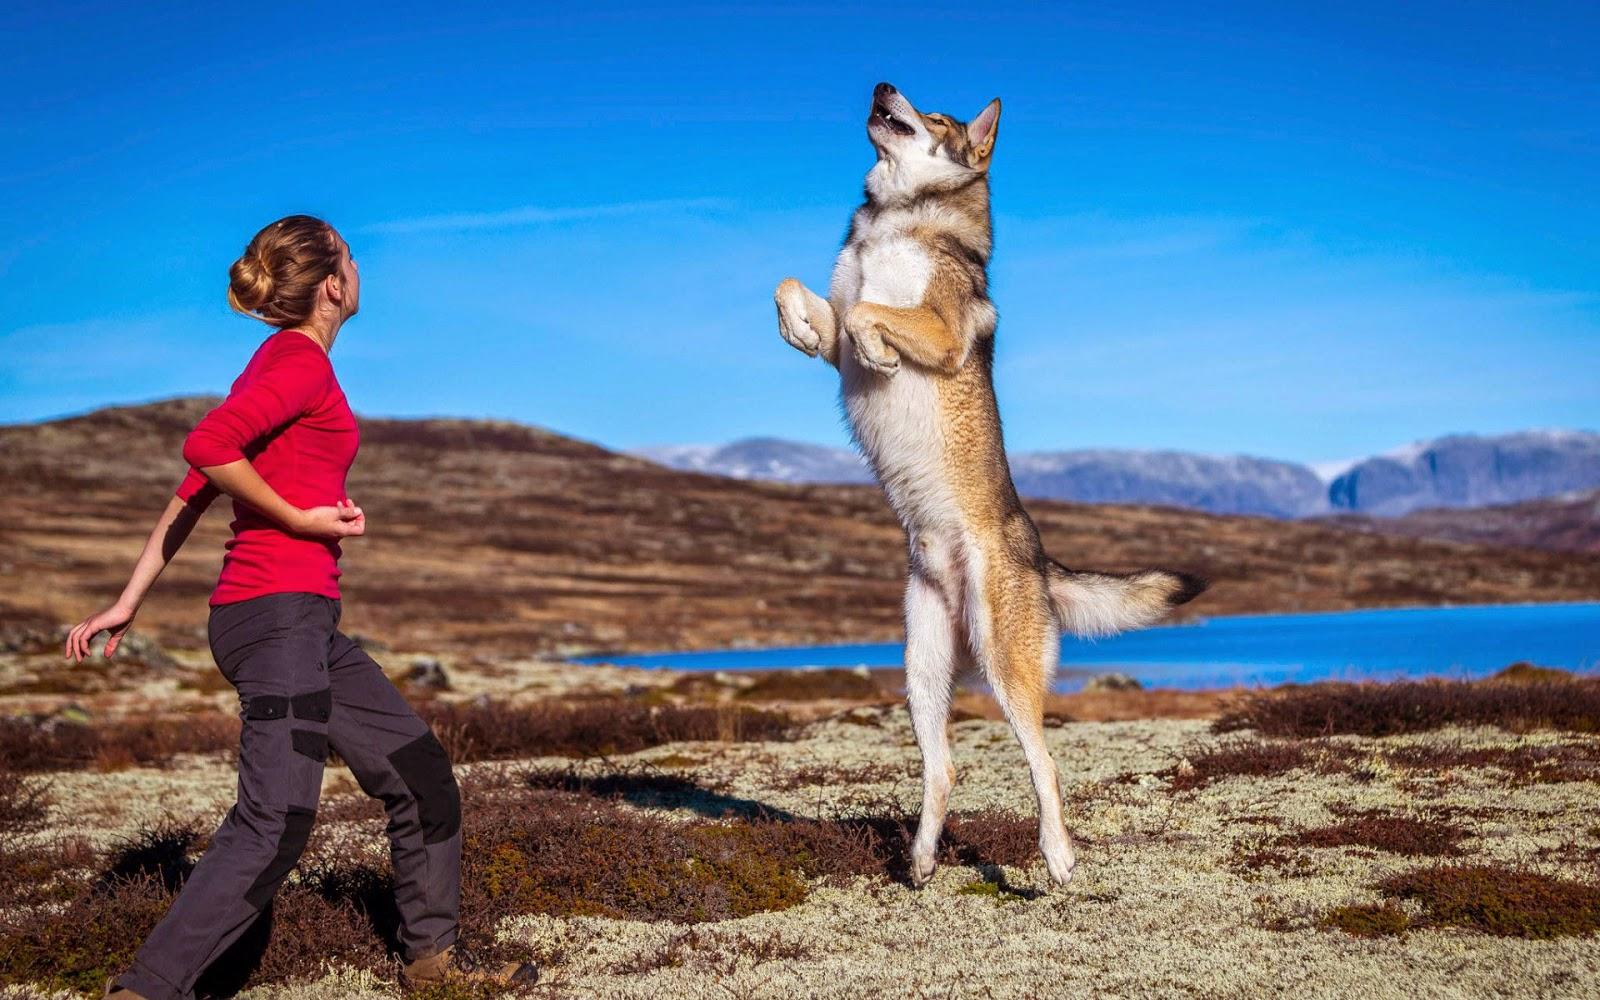 Vrouw leert hond kunstje rechtopstaan